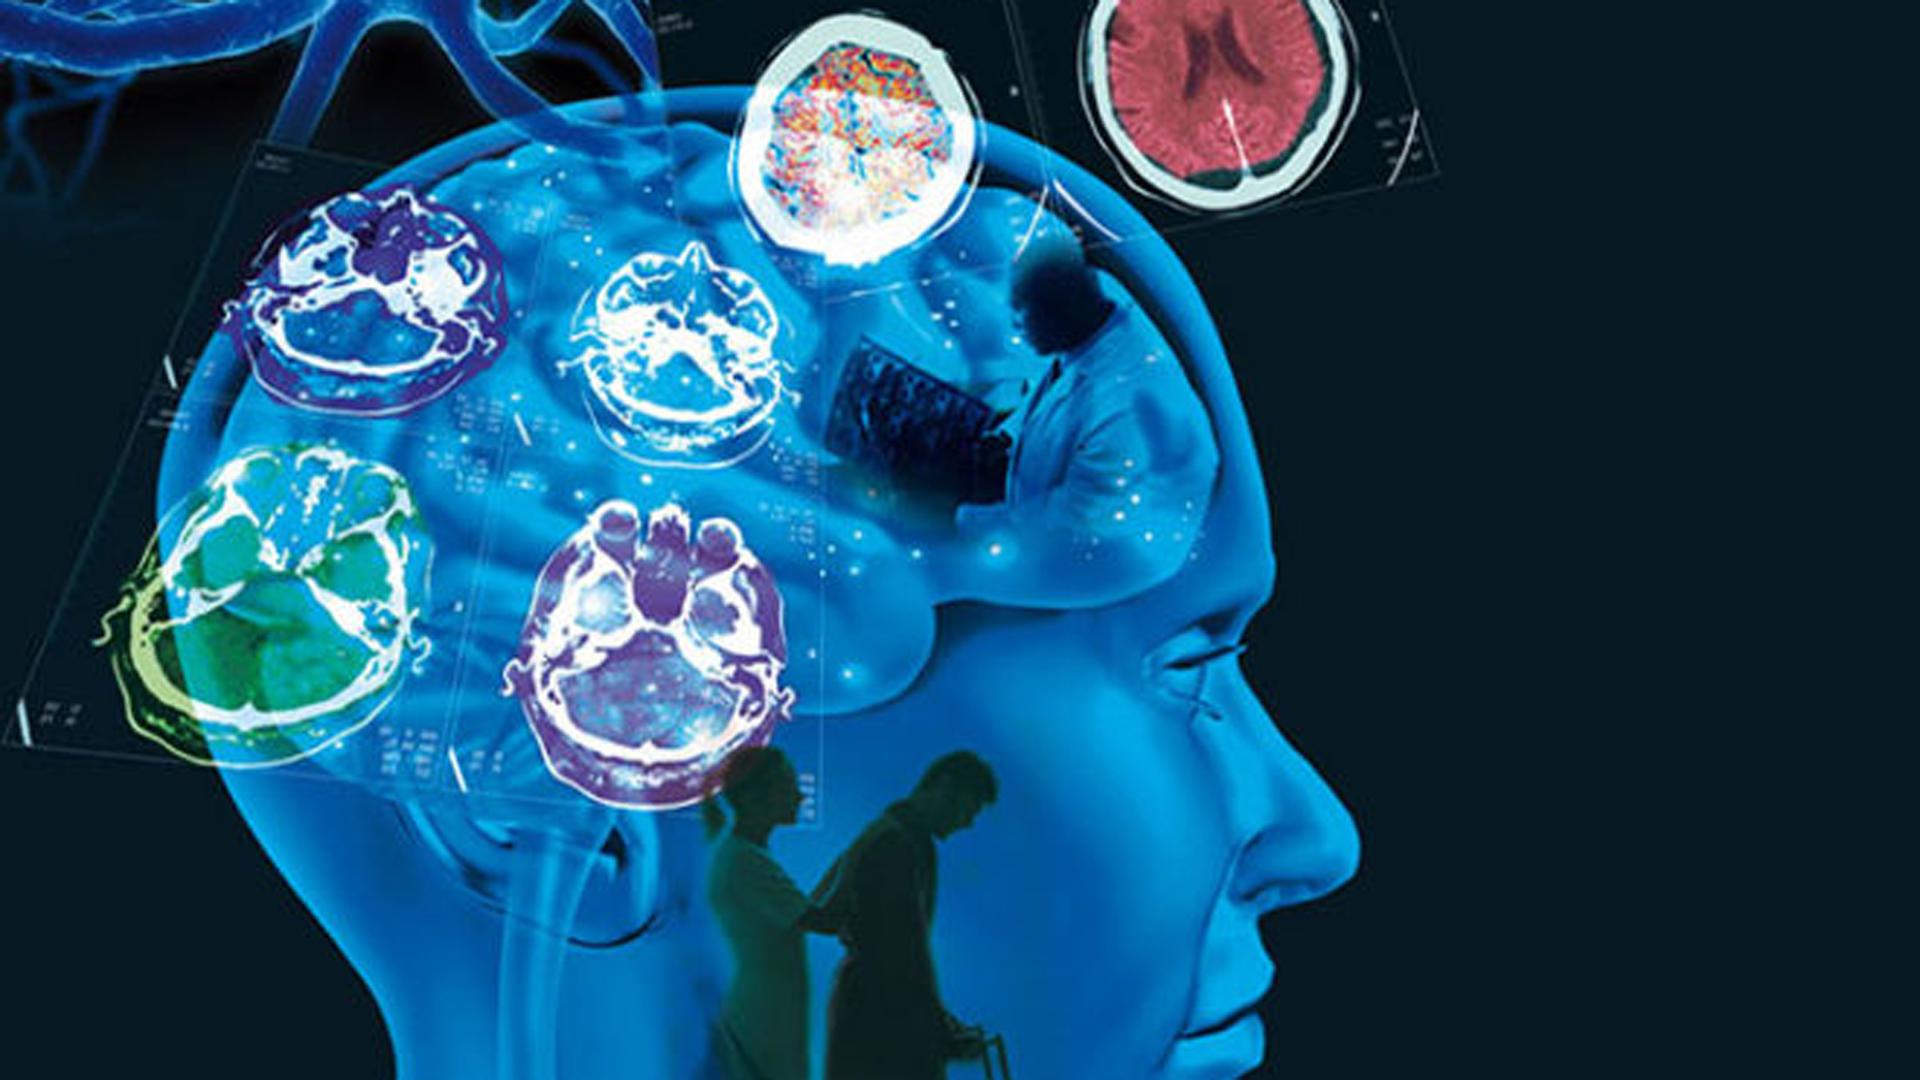 El método se dirige a una región específica del cerebro para controlar la actividad cerebral en casos de epilepsia, Parkinson y alteraciones tanto de la conciencia como del comportamiento